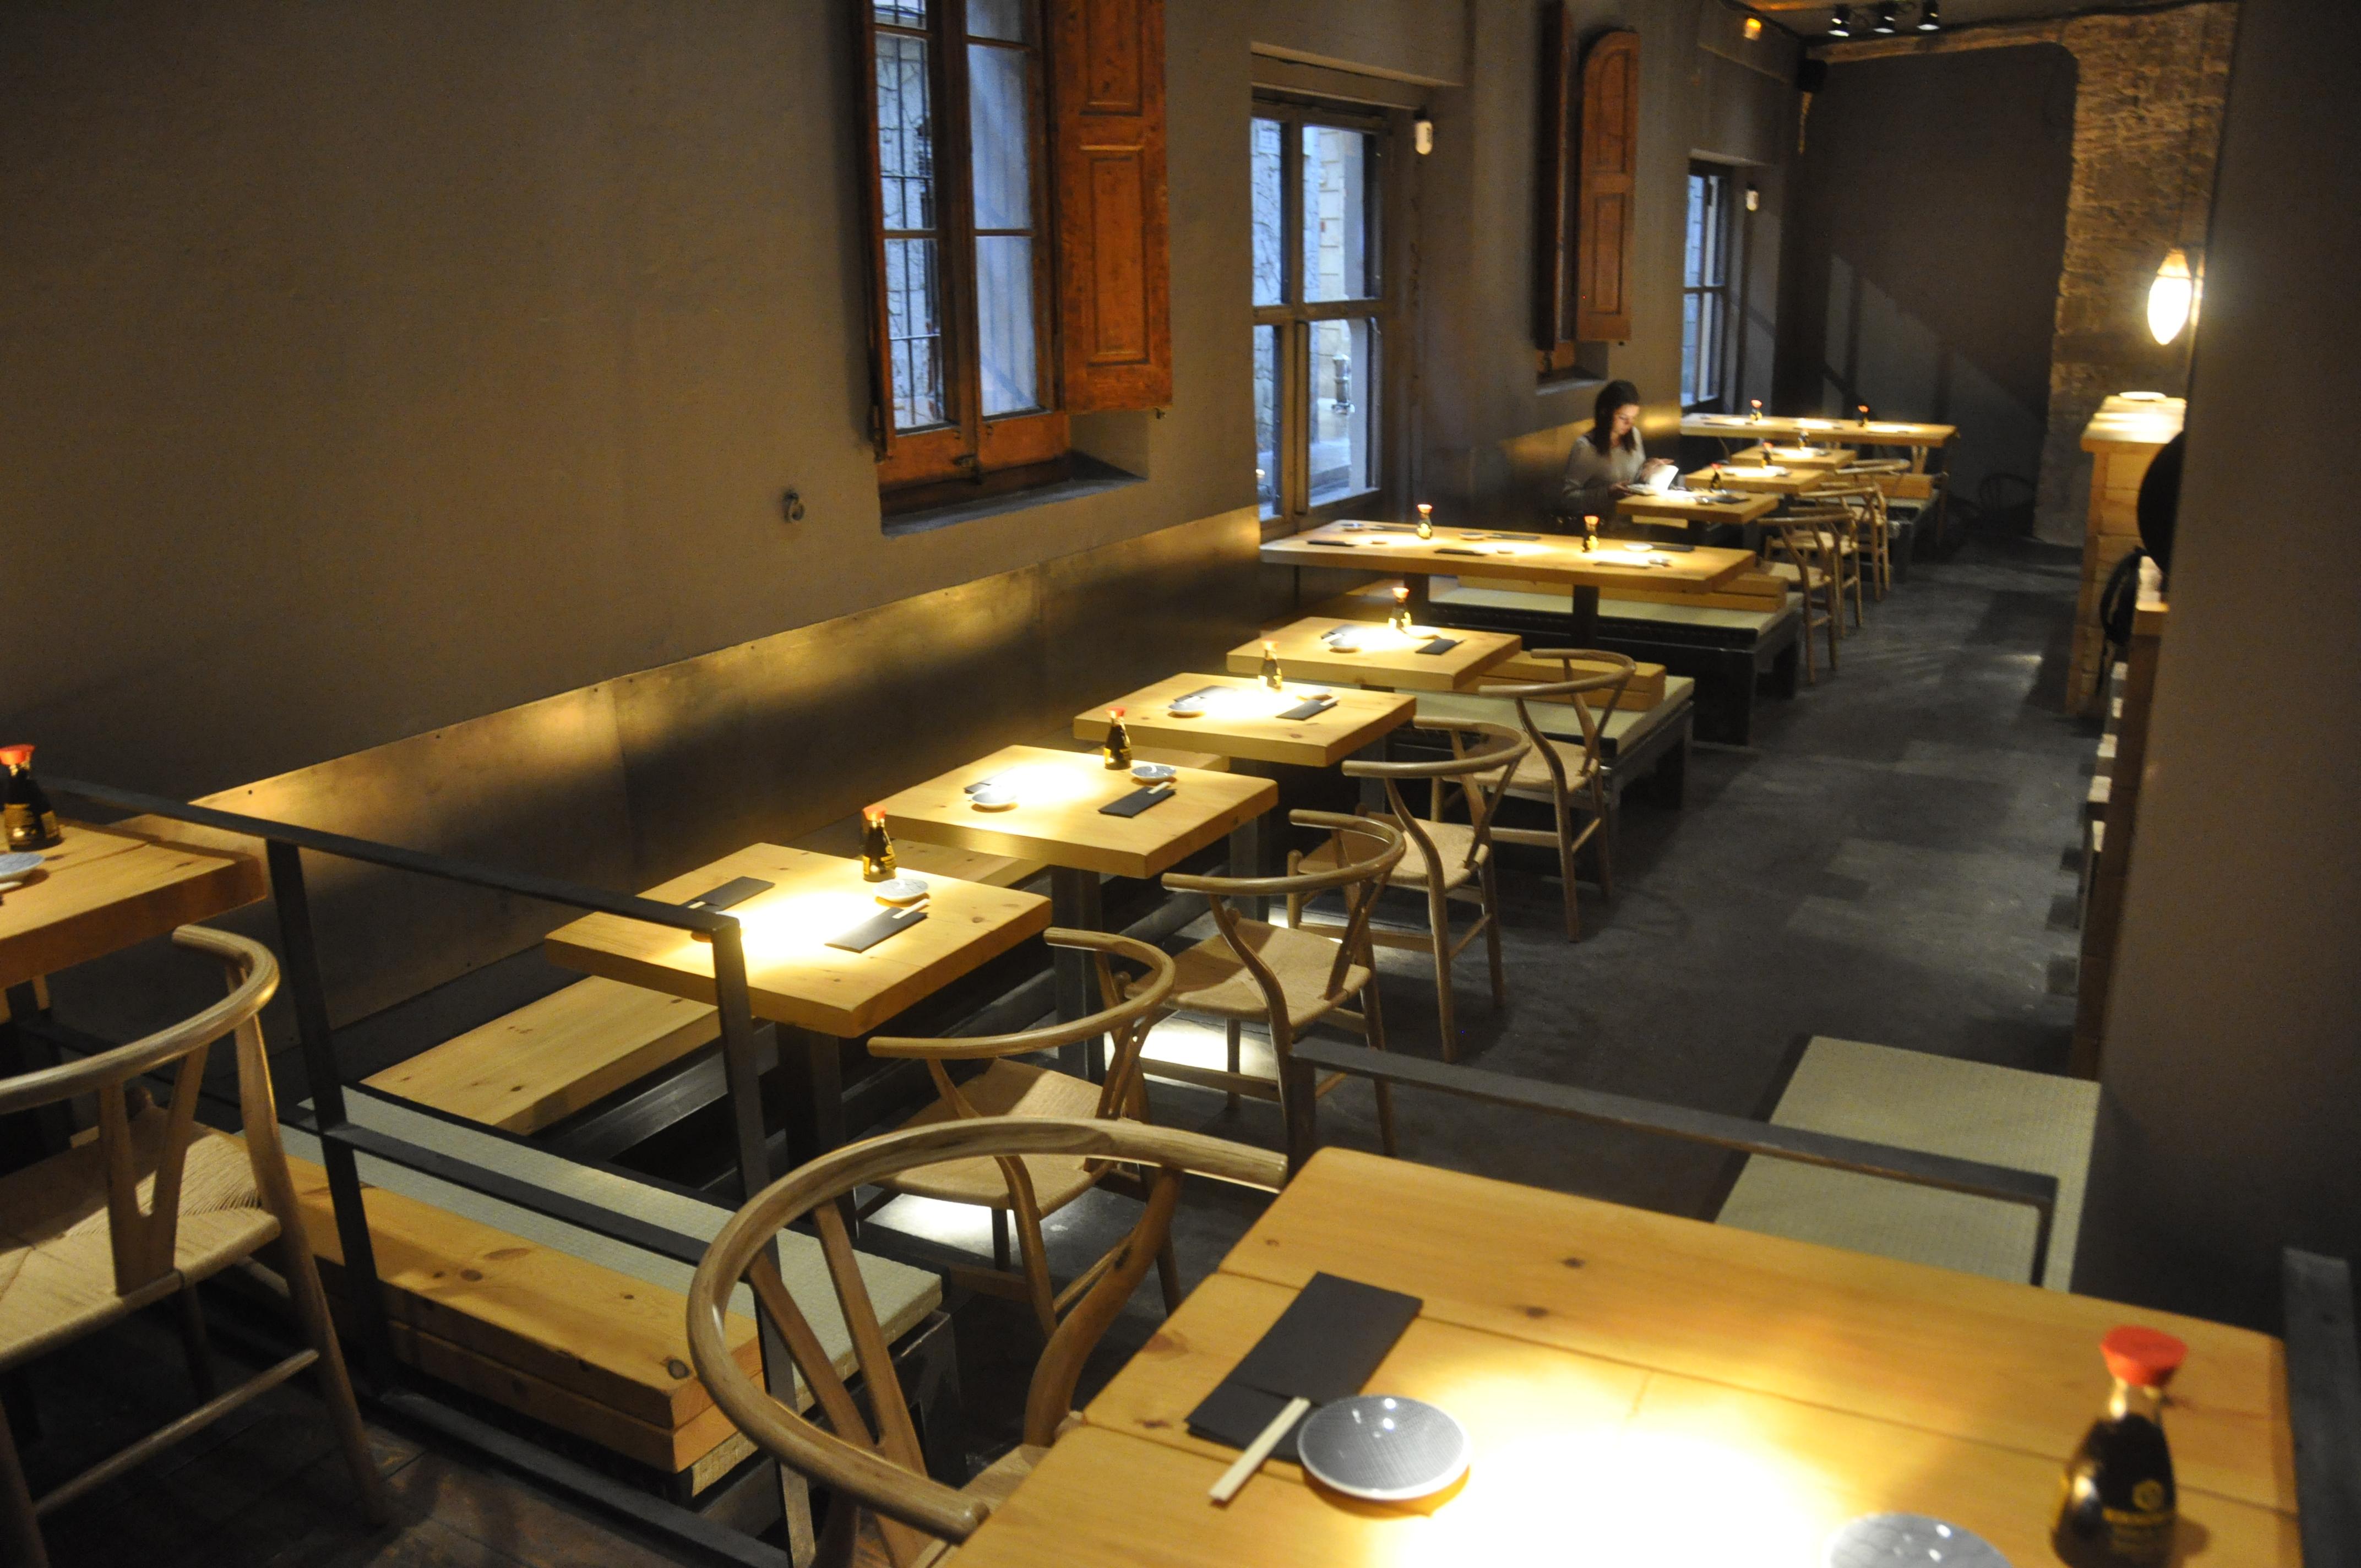 Un japones en el raval el blog de sillas muebles for Muebles nordicos barcelona